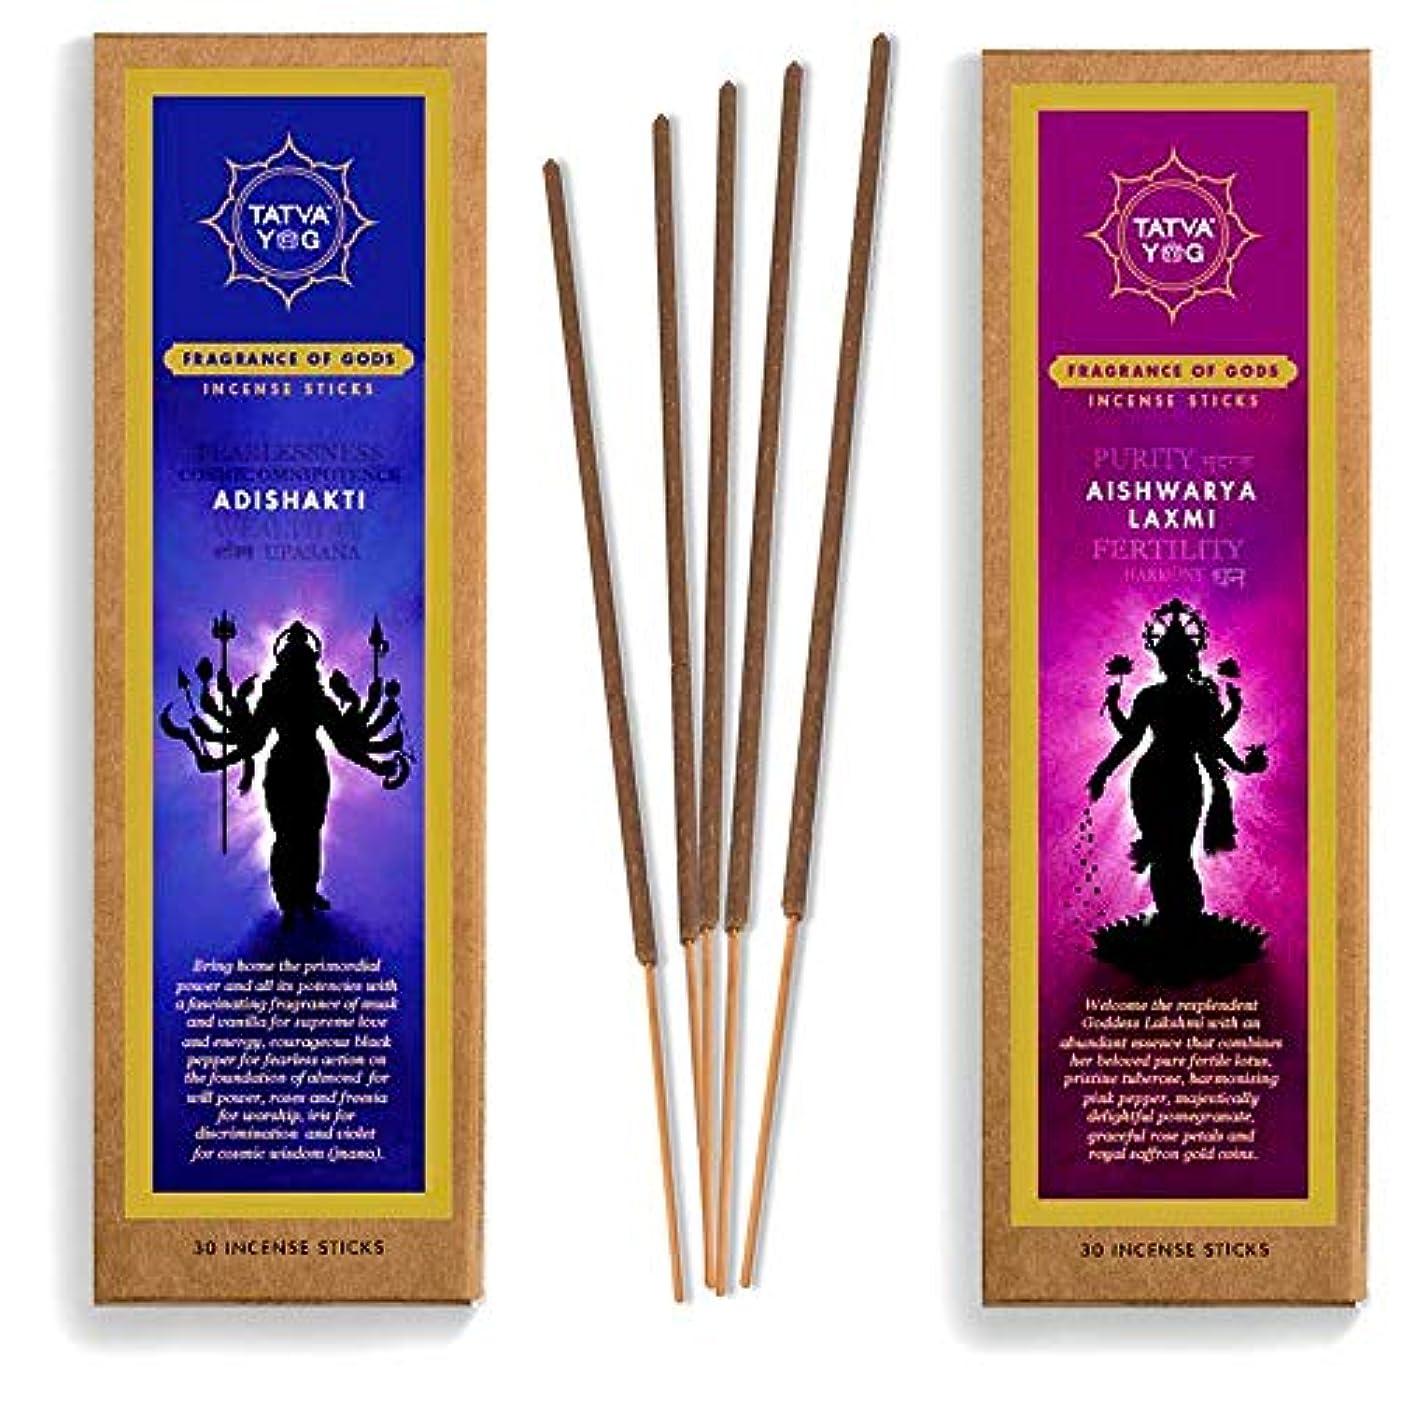 ネーピア部族残りTatva YOG Adishakti and Aishwarya Lakshmi Handcrafted Natural Masala Incense Sticks for Daily Pooja Festive Office...